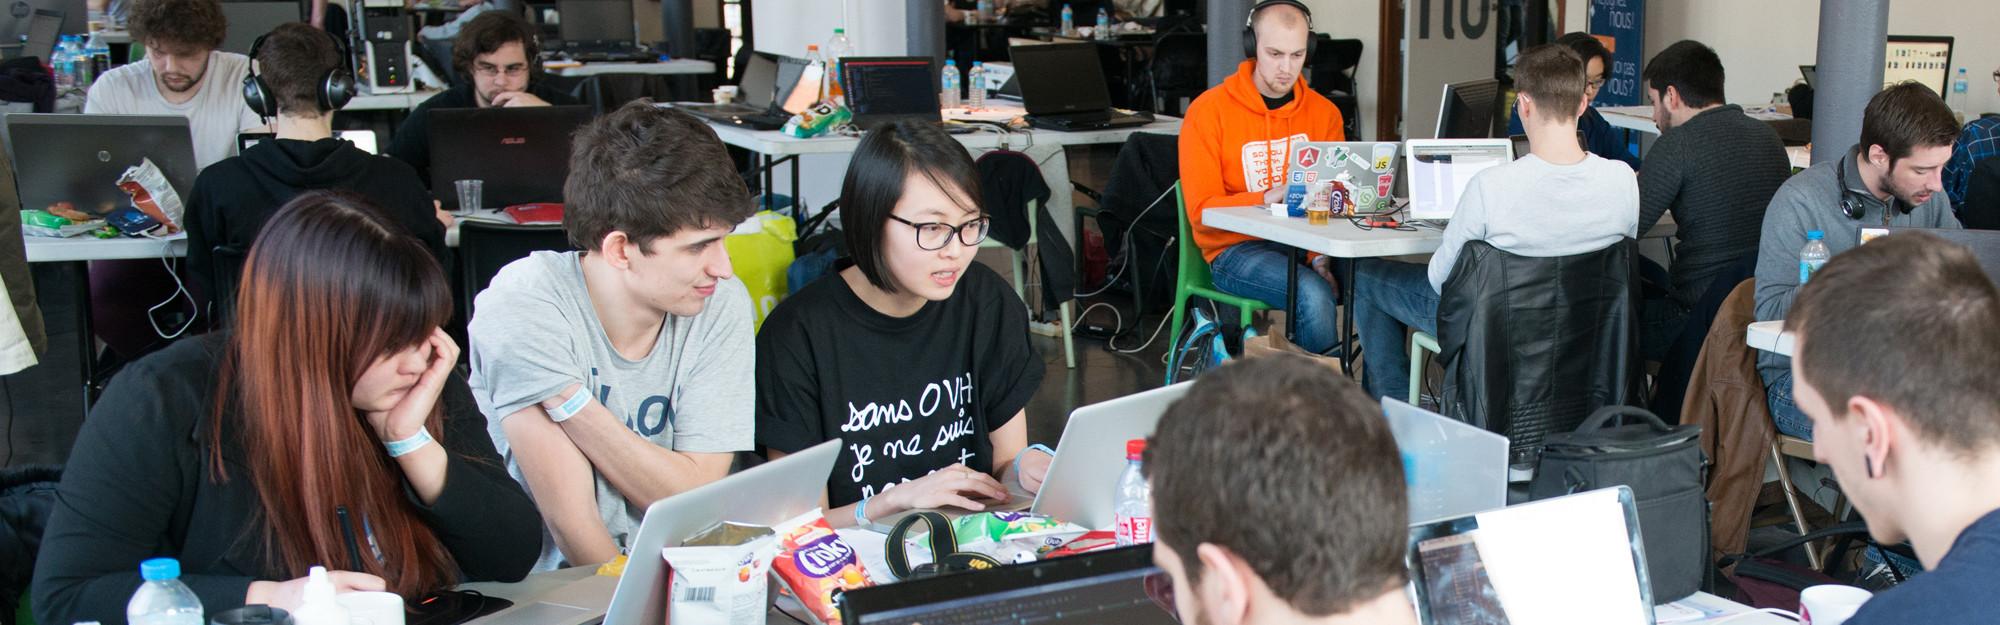 hackathon euratechnologies anniversaire 10 ans